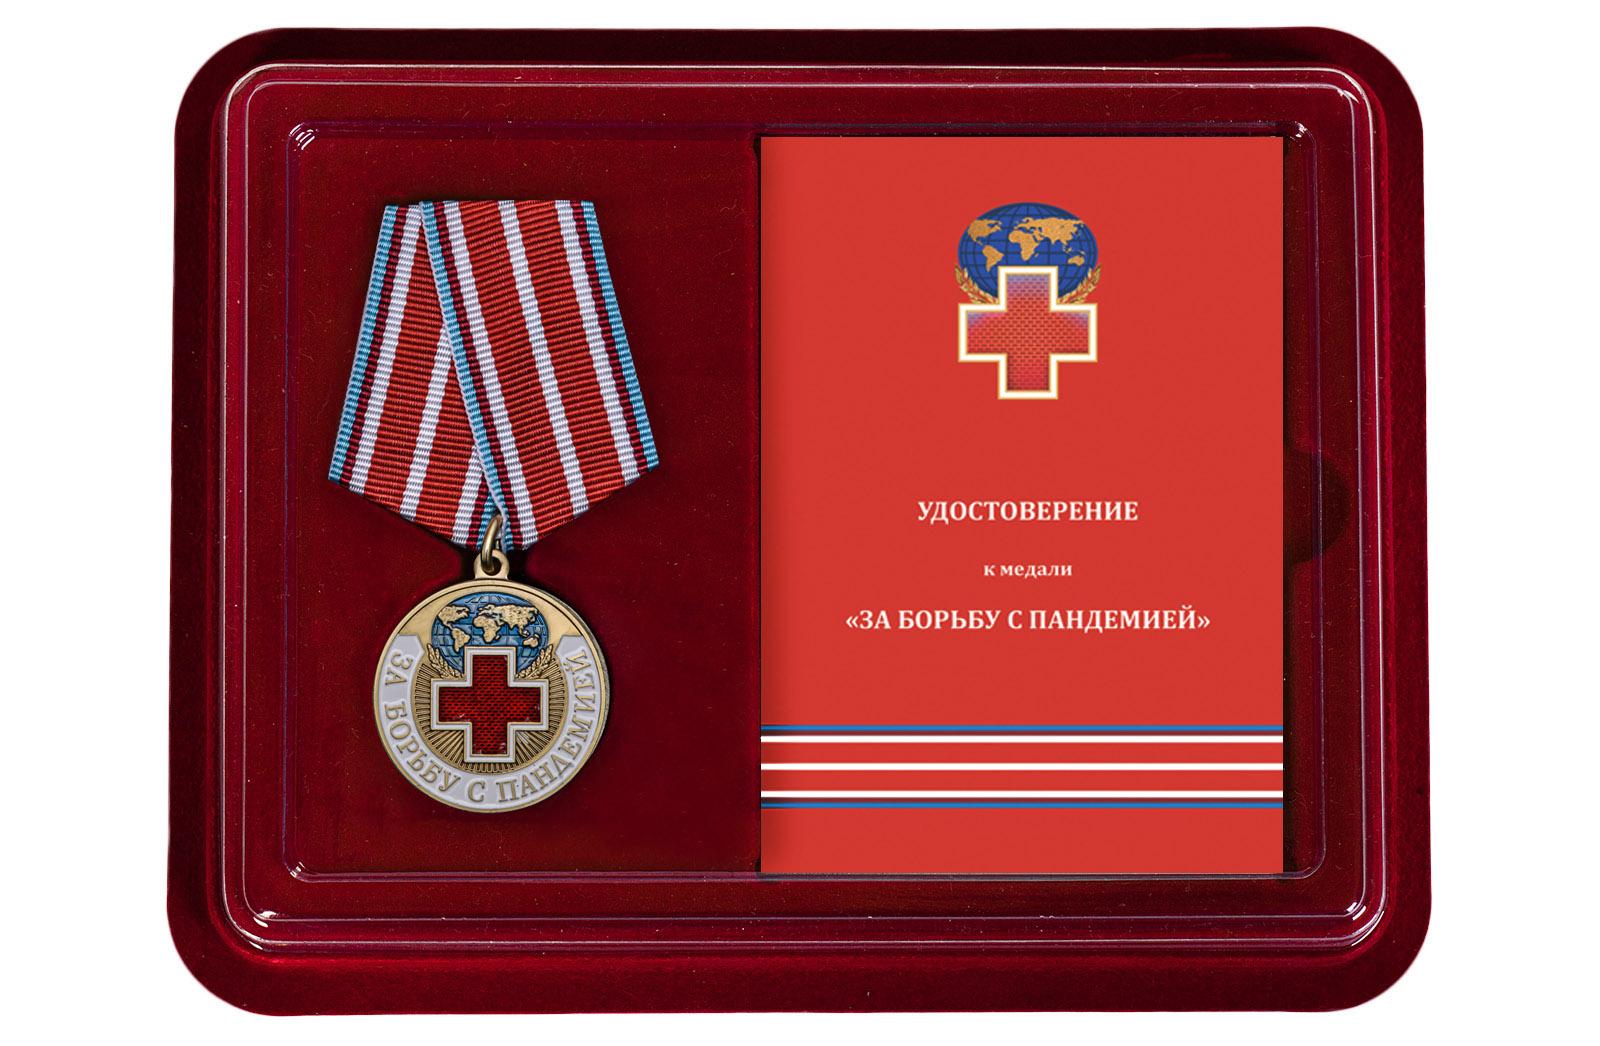 Купить медаль За борьбу с пандемией выгодно с доставкой